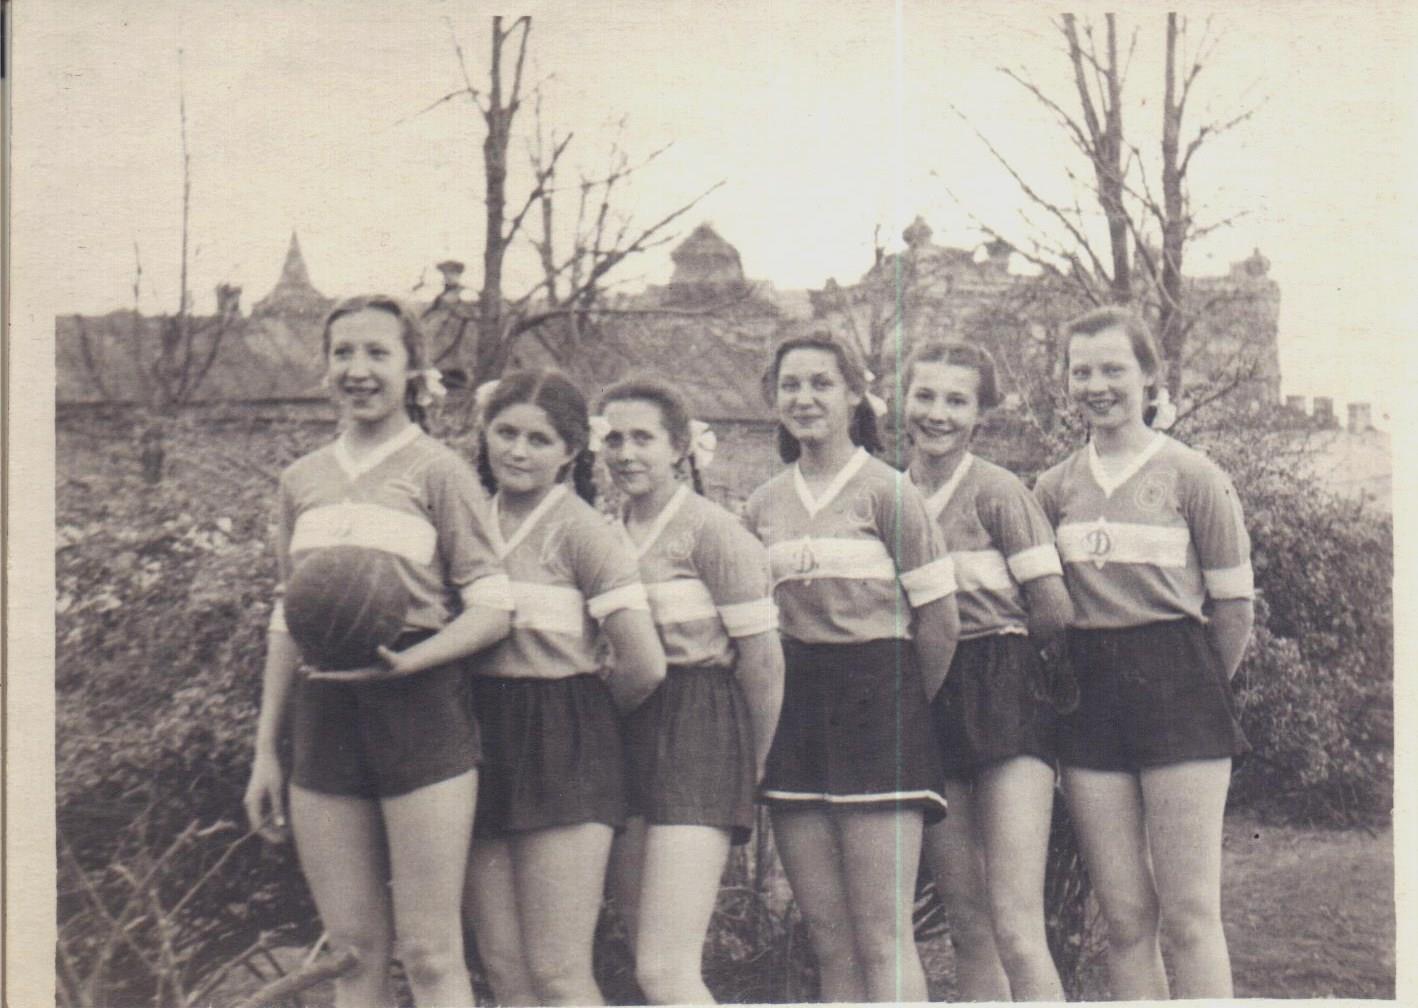 1953. Волейбольная команда Динамо